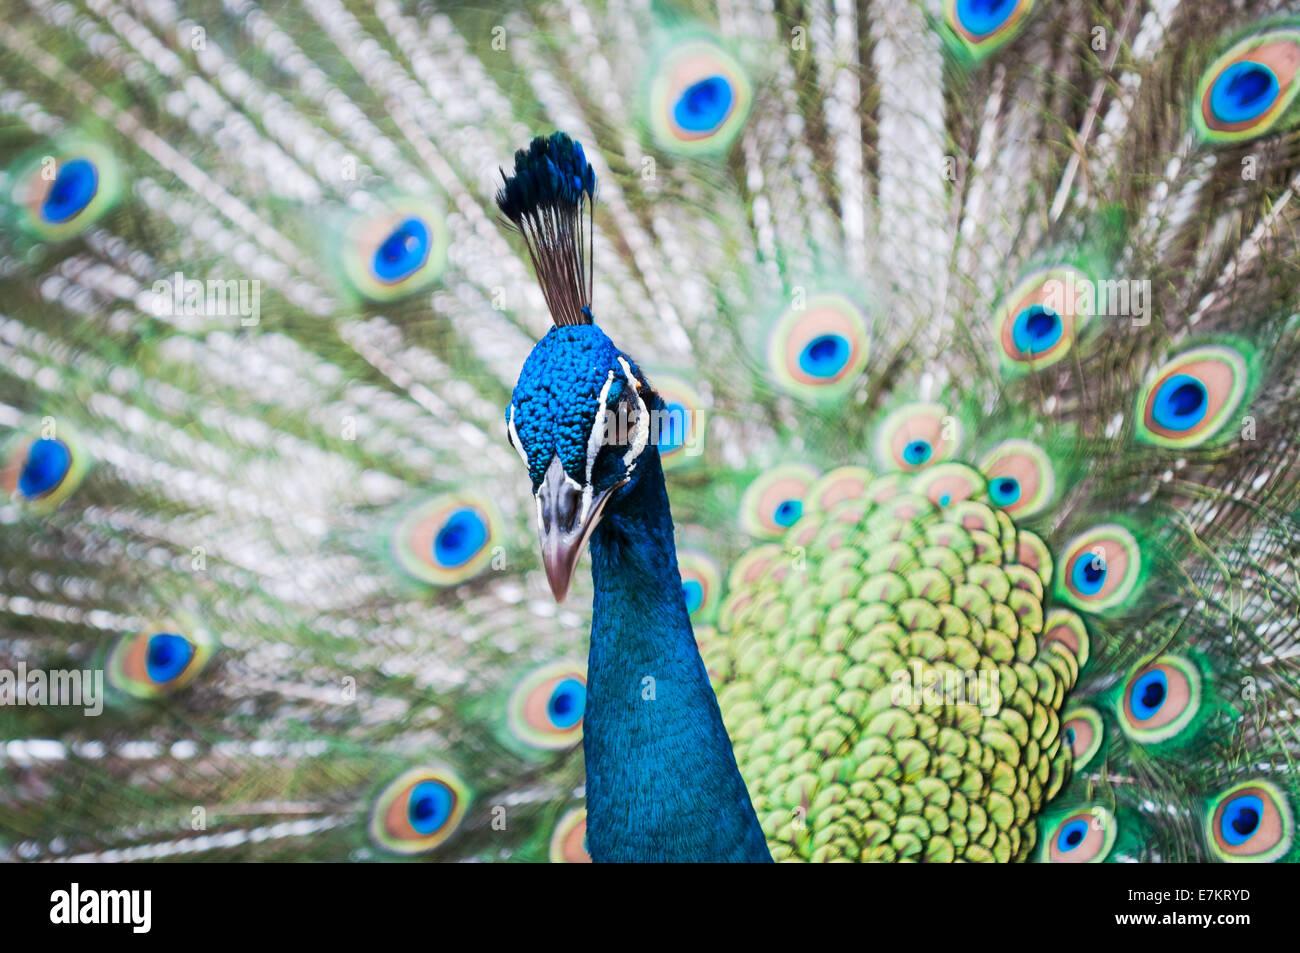 An Indian peacock (Pavo cristatus) at KL Bird Park in Kuala Lumpur, Malaysia. - Stock Image